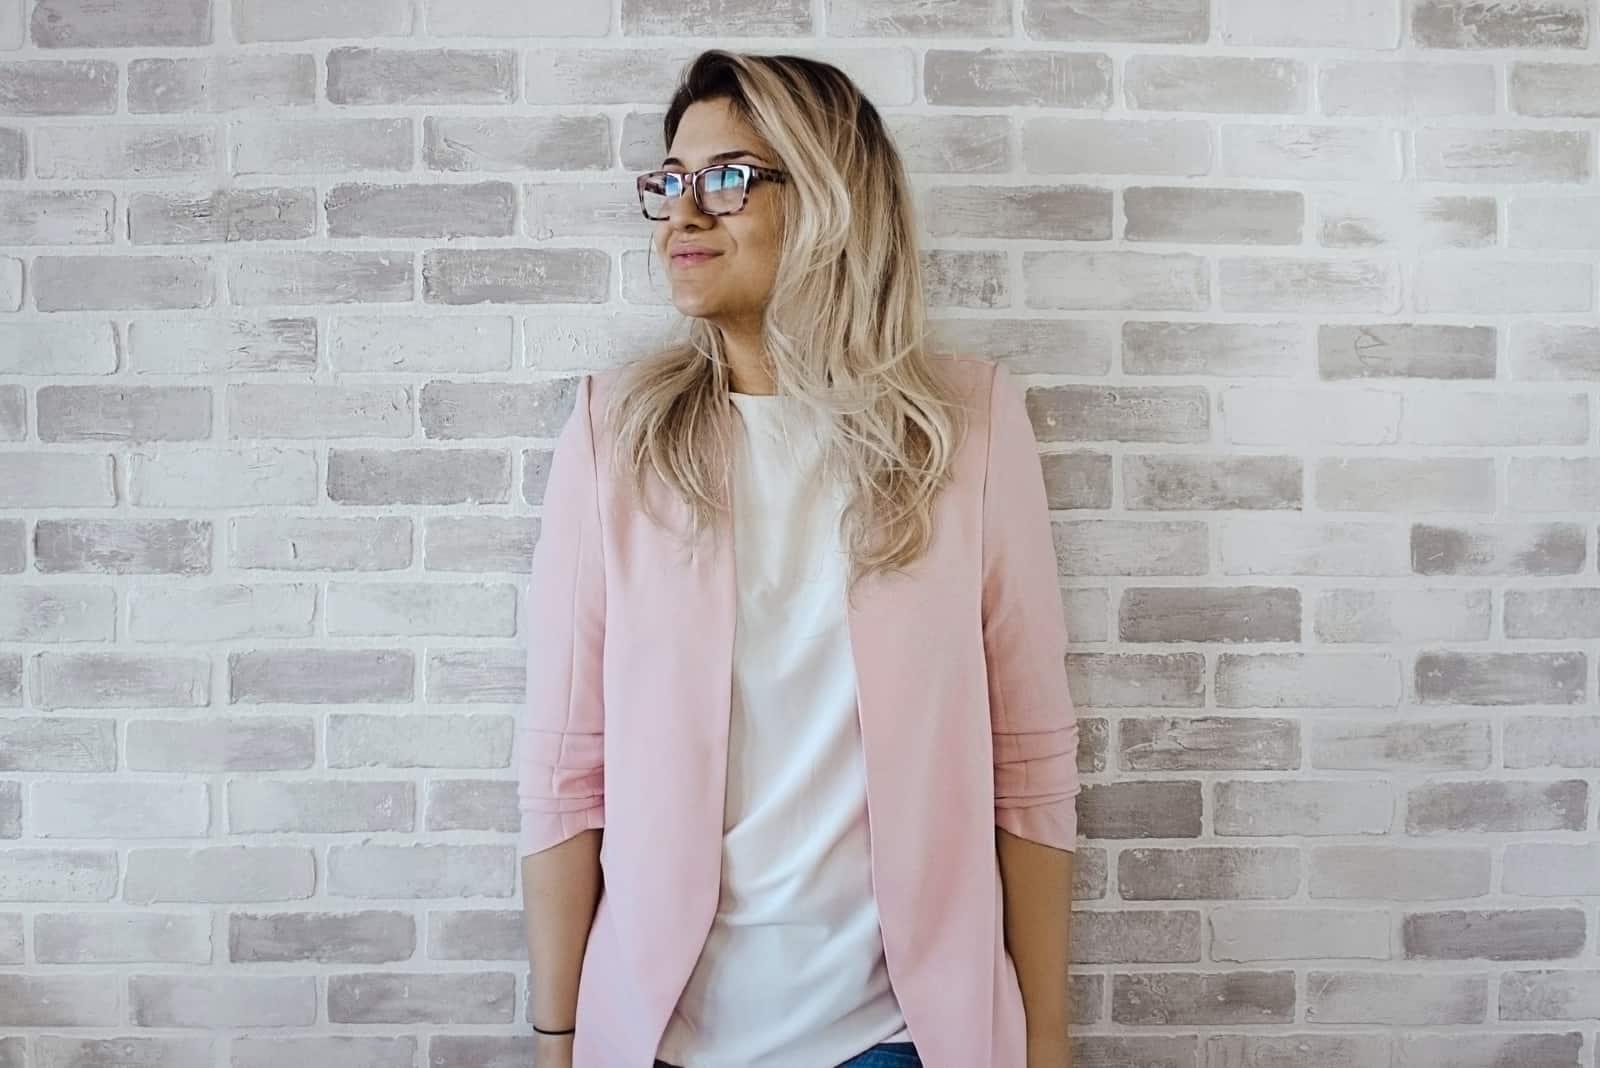 femme en blazer rose debout près du mur